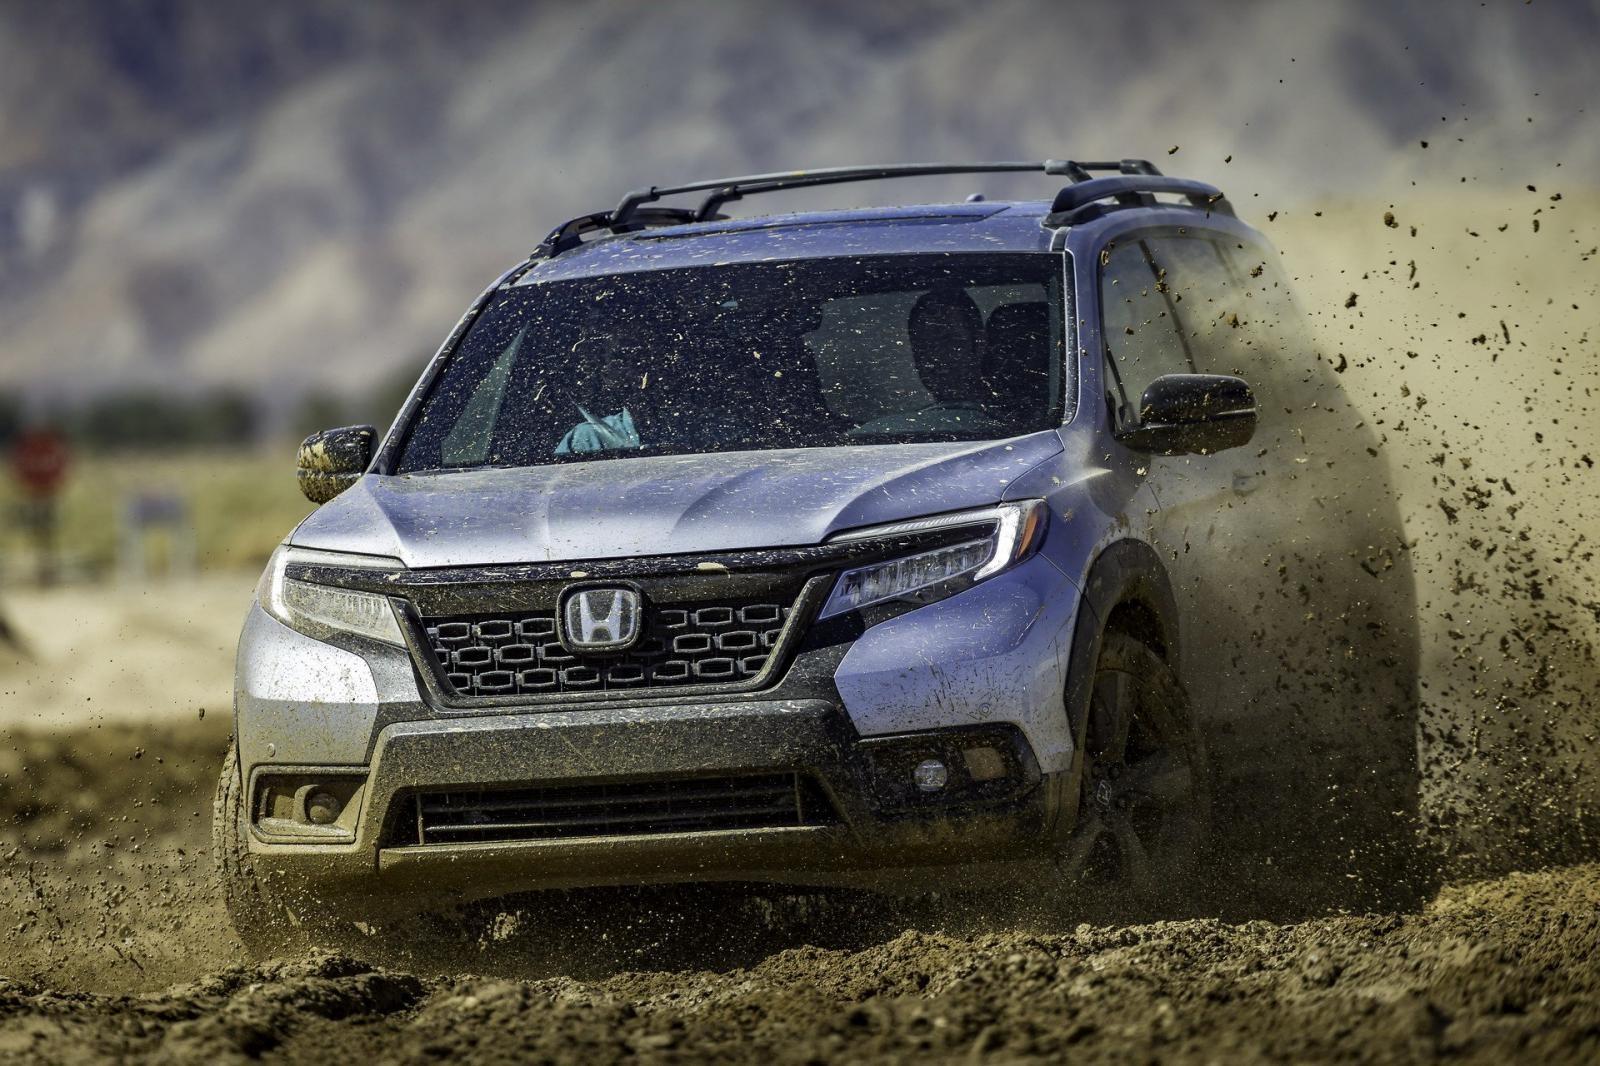 Với khả năng chạy cả trên đường phố lẫn off-road, Honda Passport 2019 chính là mẫu crossover giúp chủ nhân có thể vừa làm vừa chơi